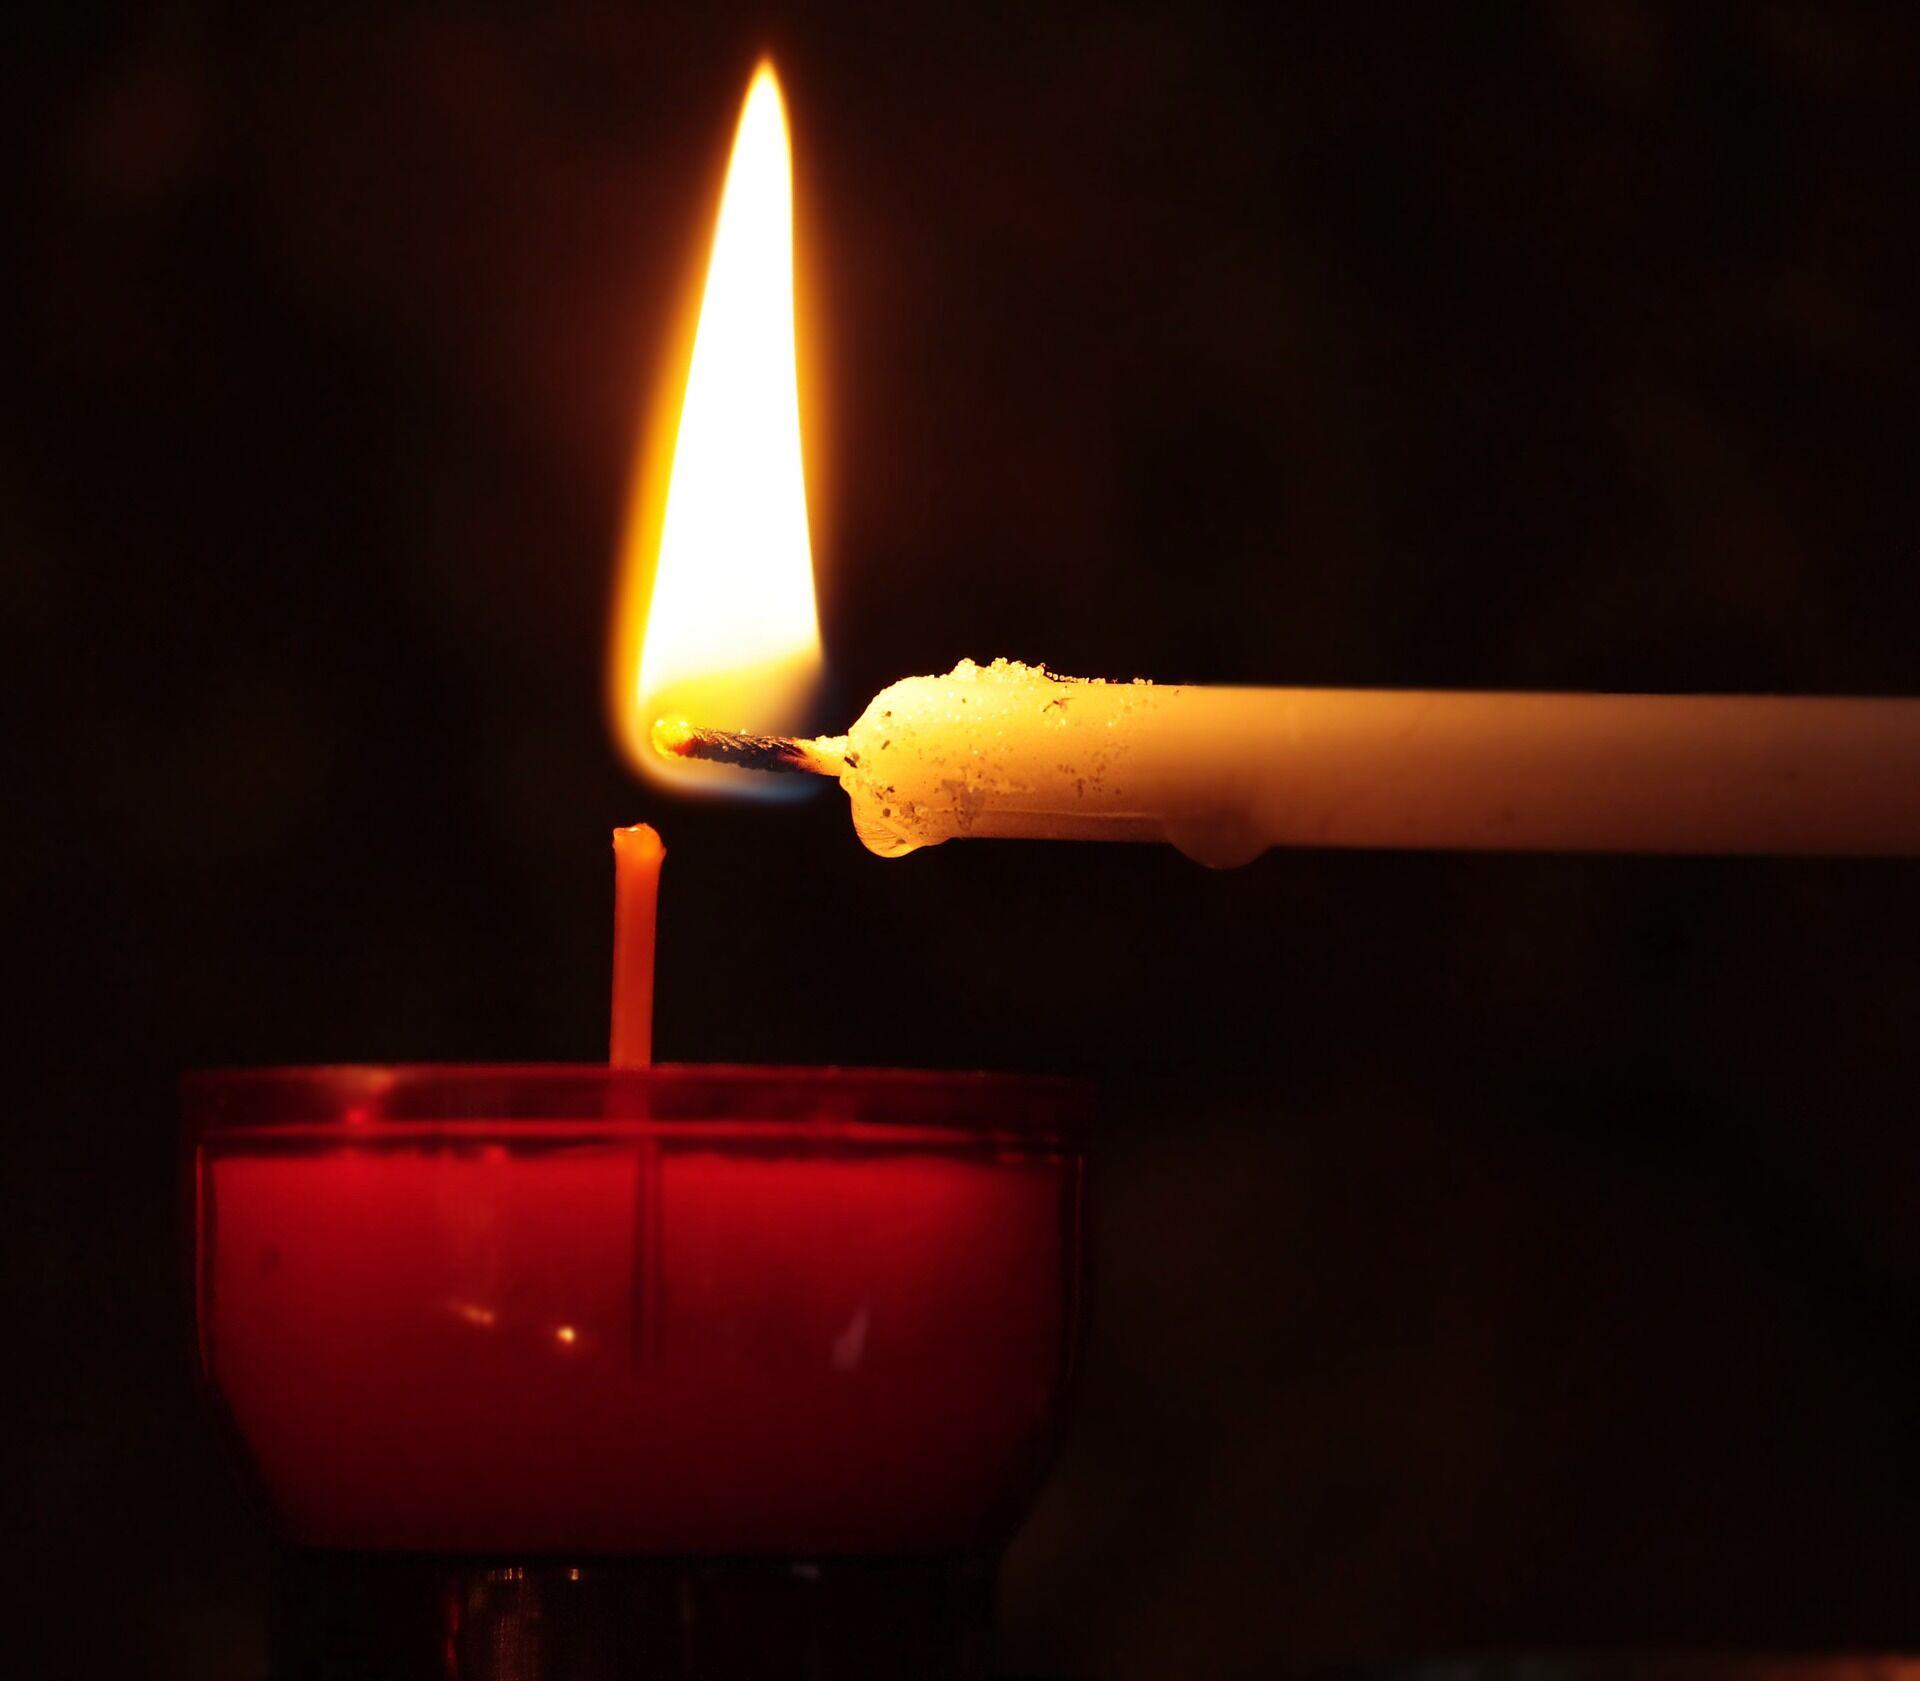 Продавщица свечей в церкви заразила еще как минимум 9 человек